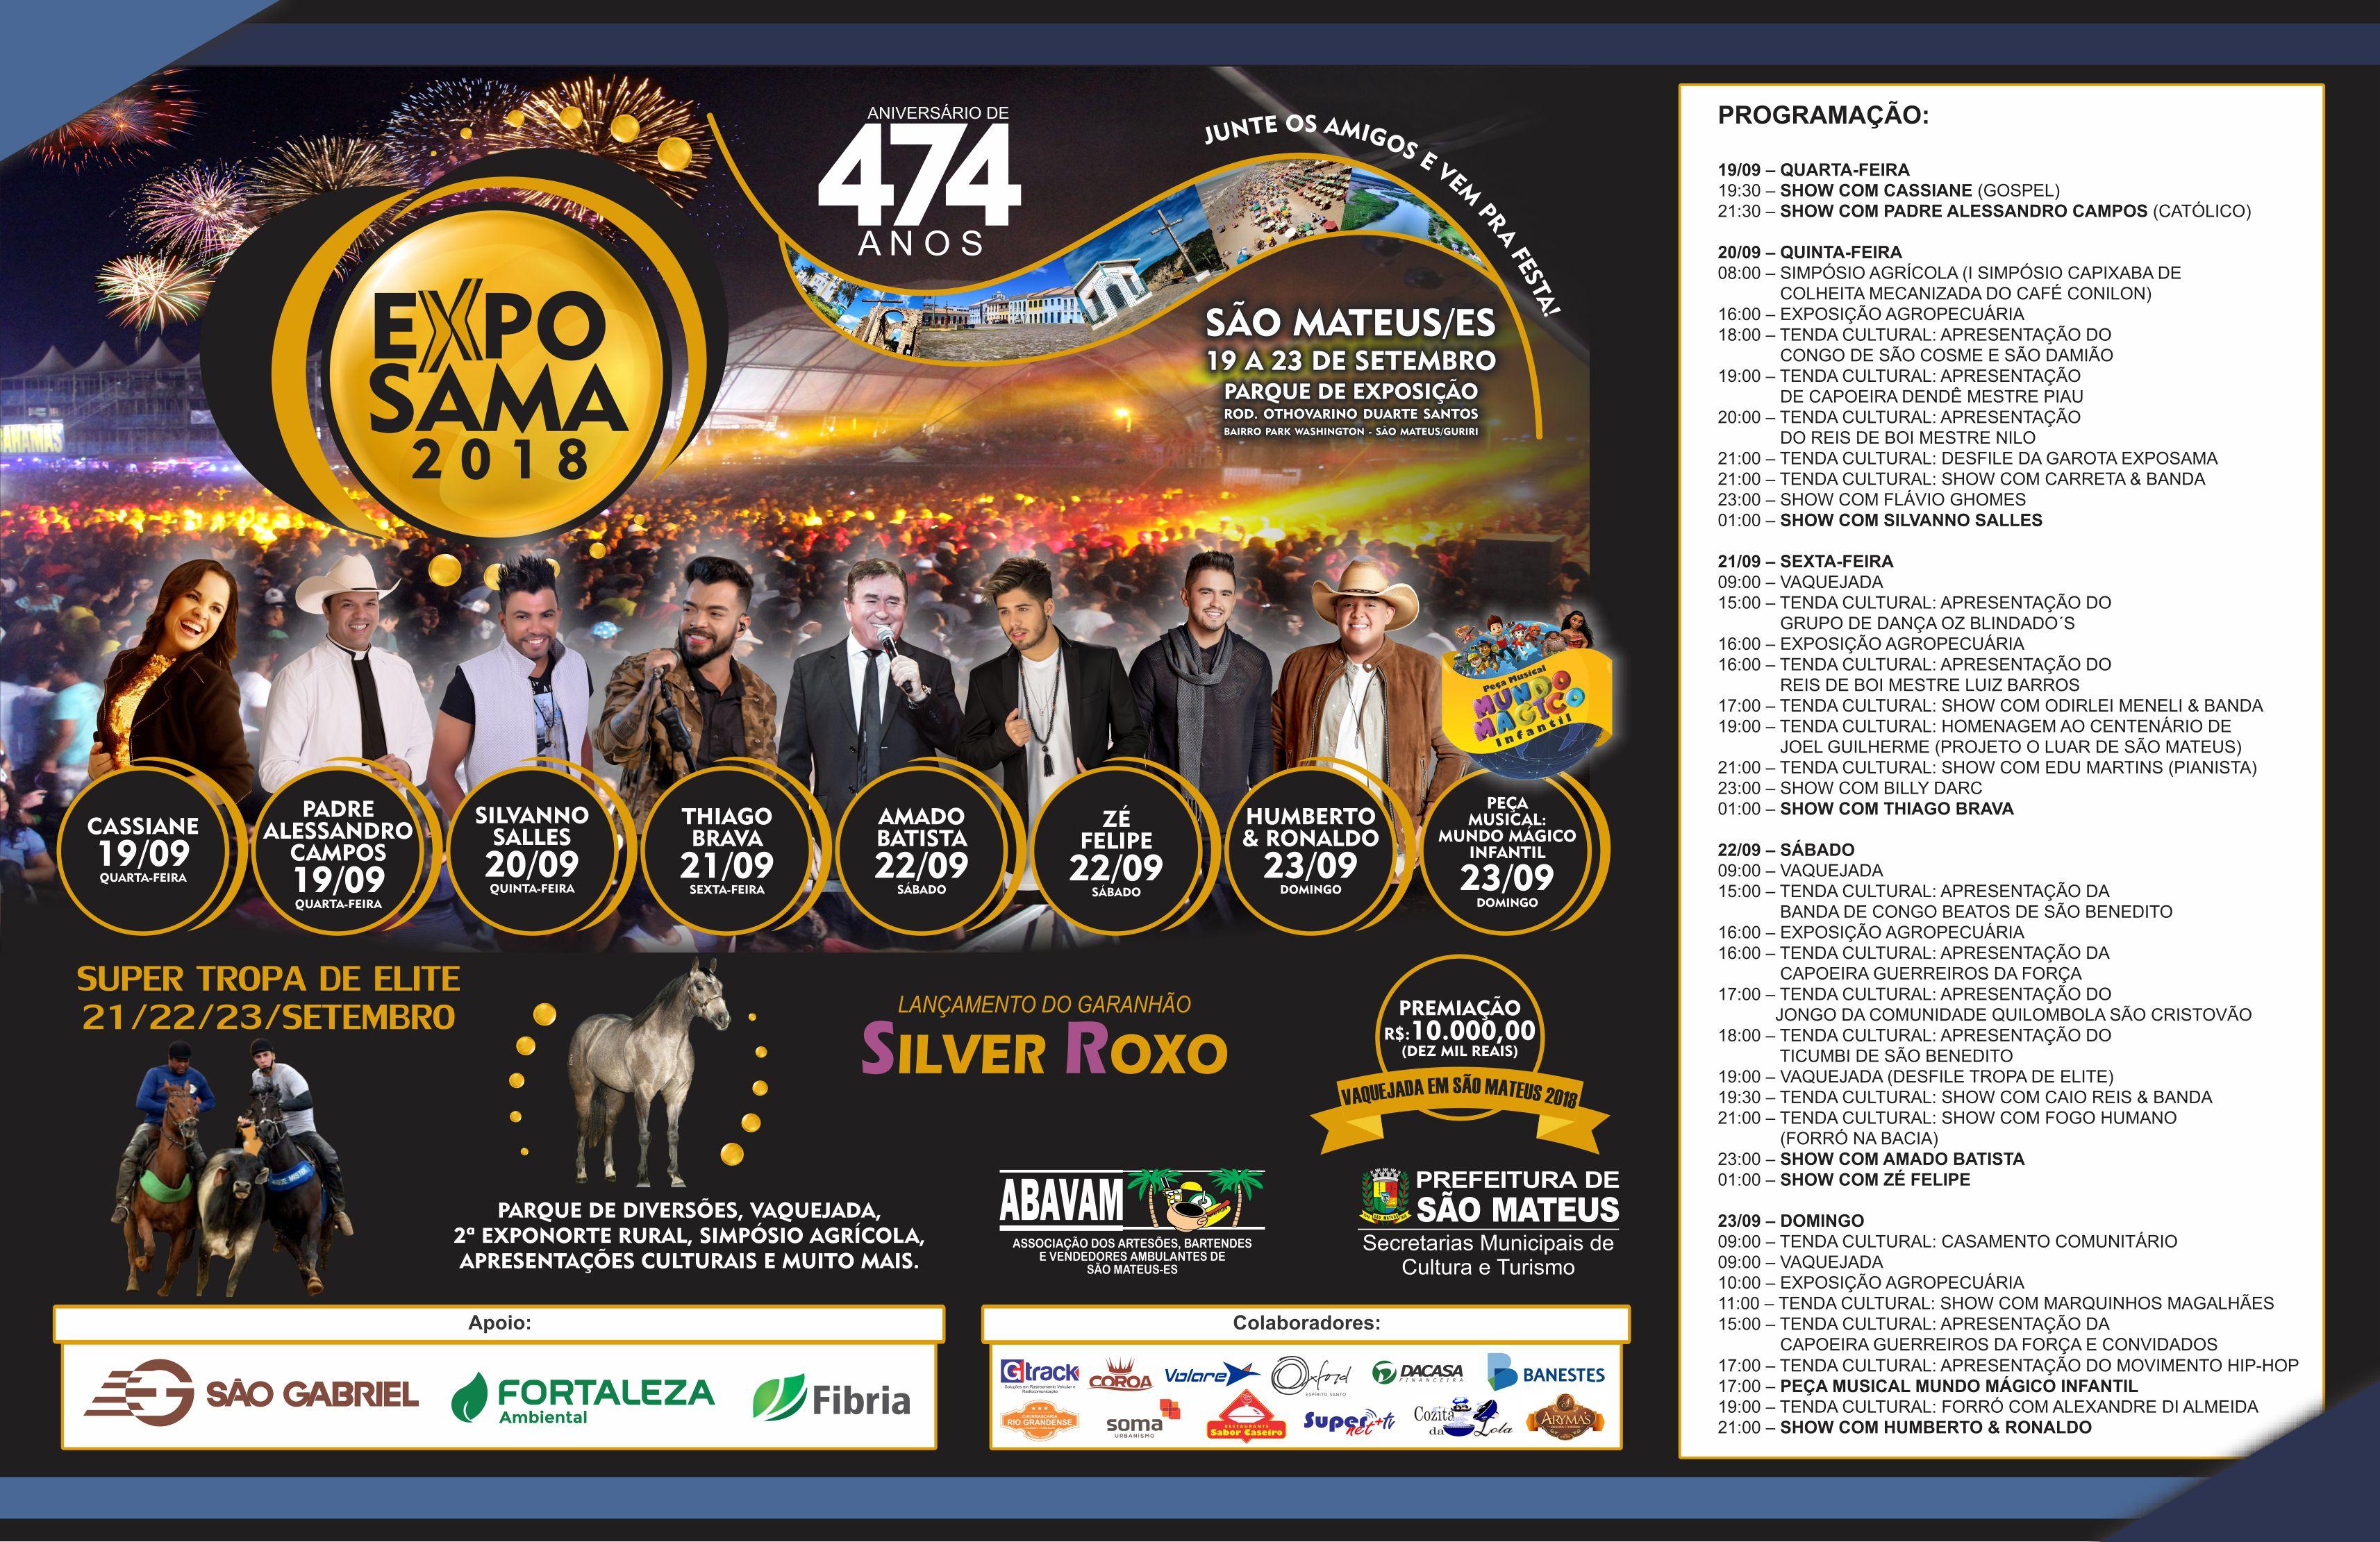 EXPOSAMA 2018 - Aniversário de São Mateus 474 Anos